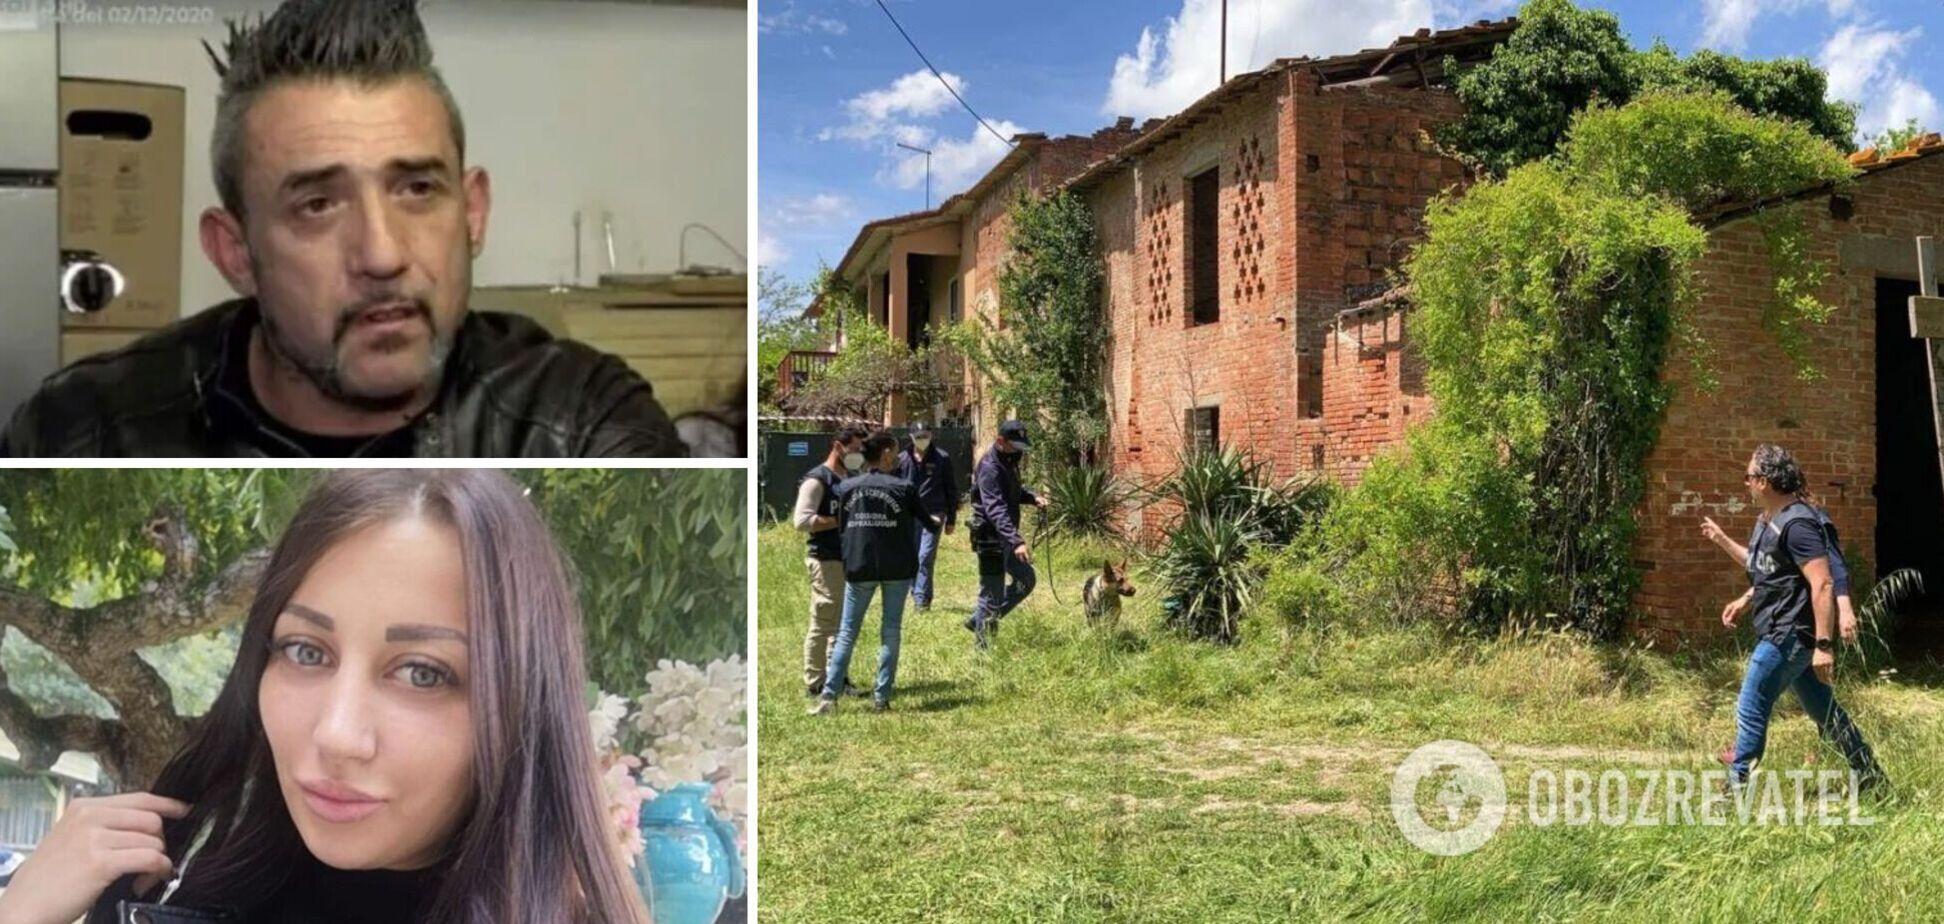 Кристина Новак: подозреваемый признался в убийстве